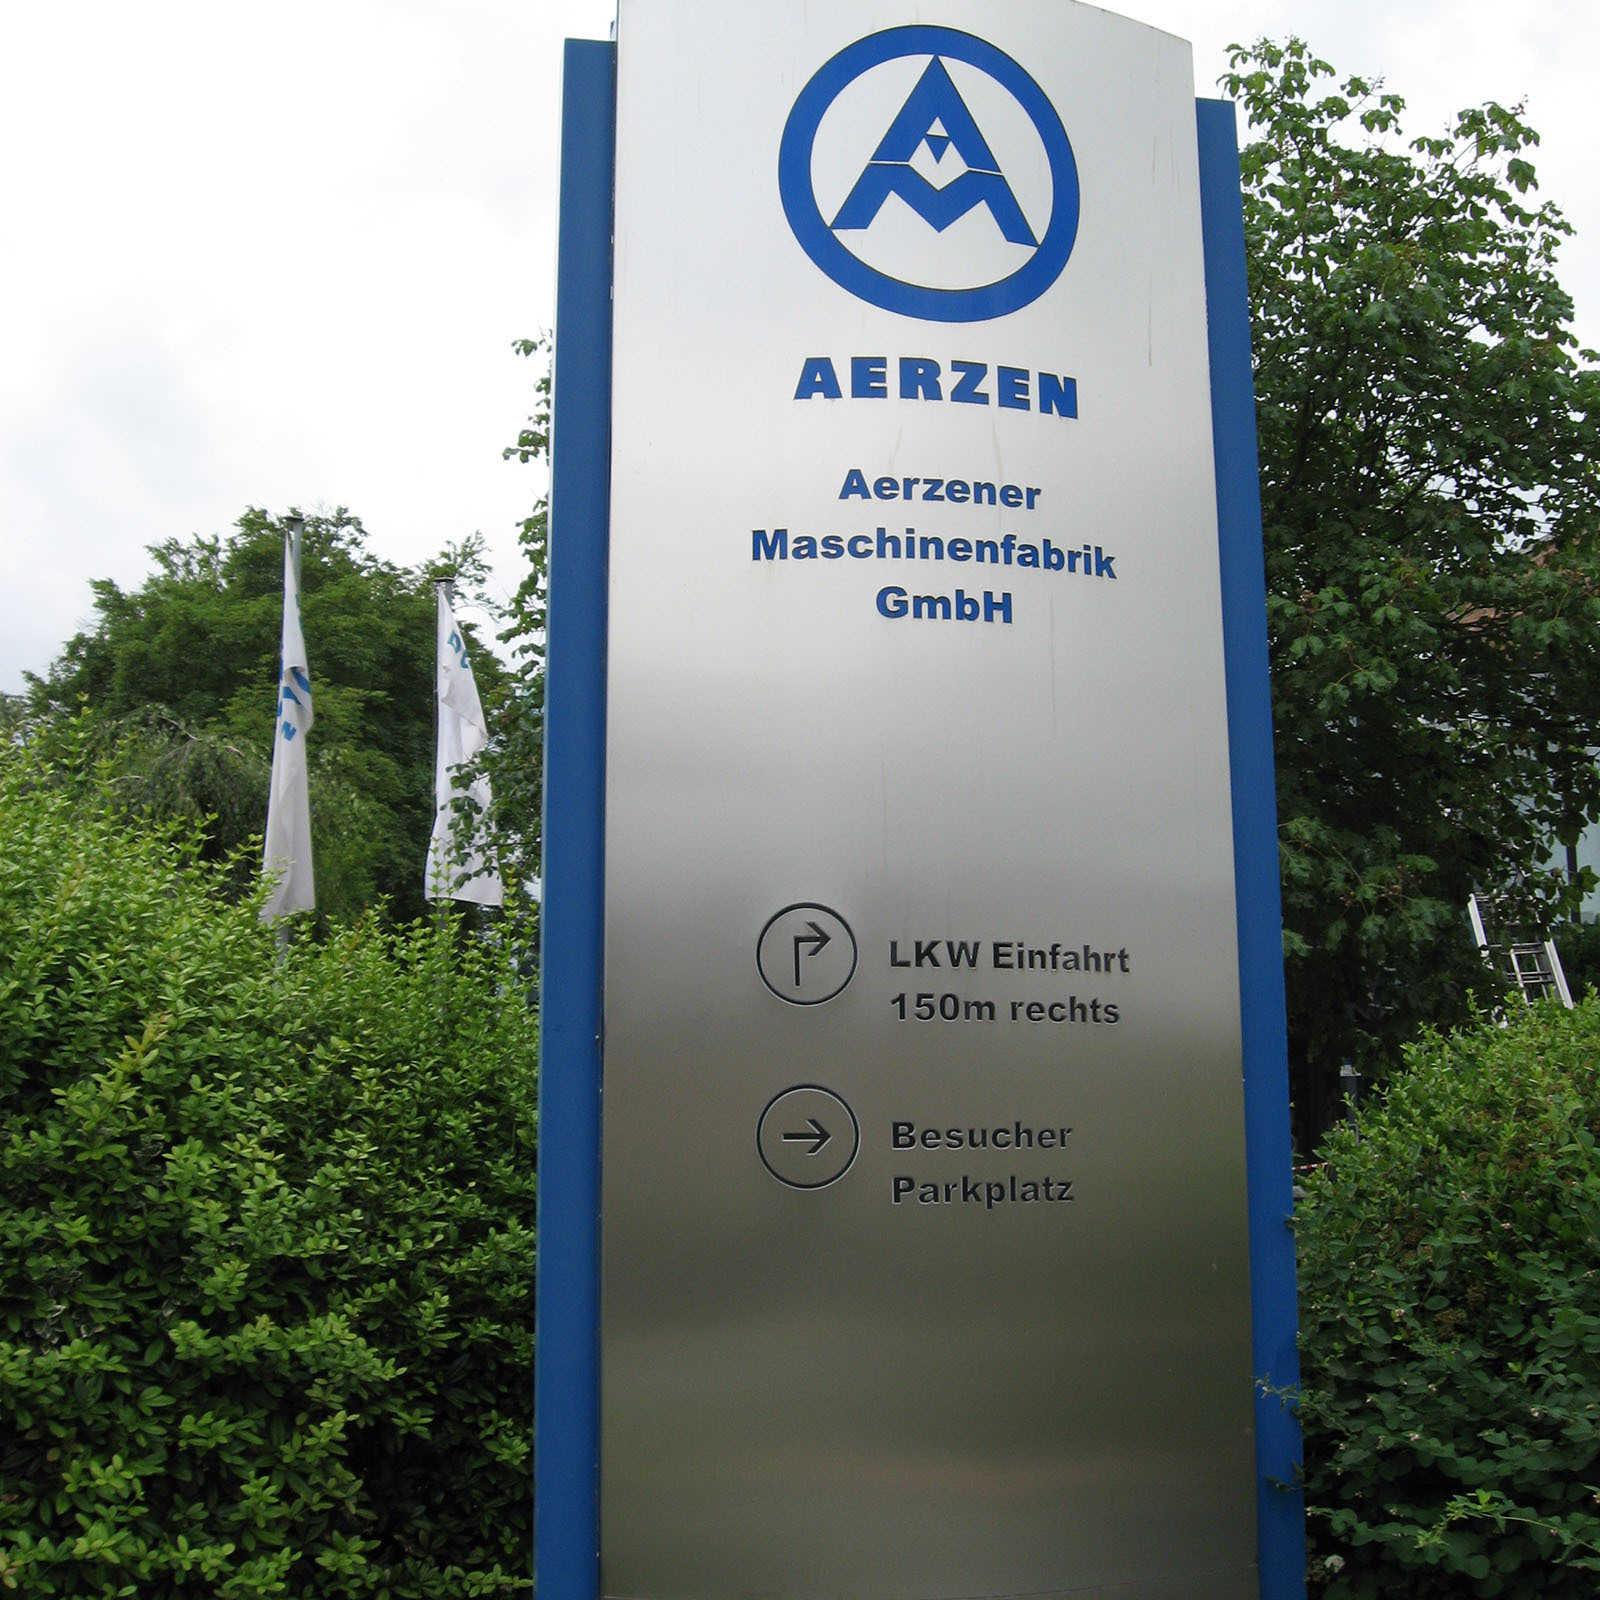 Aerzener Maschinenfabrik